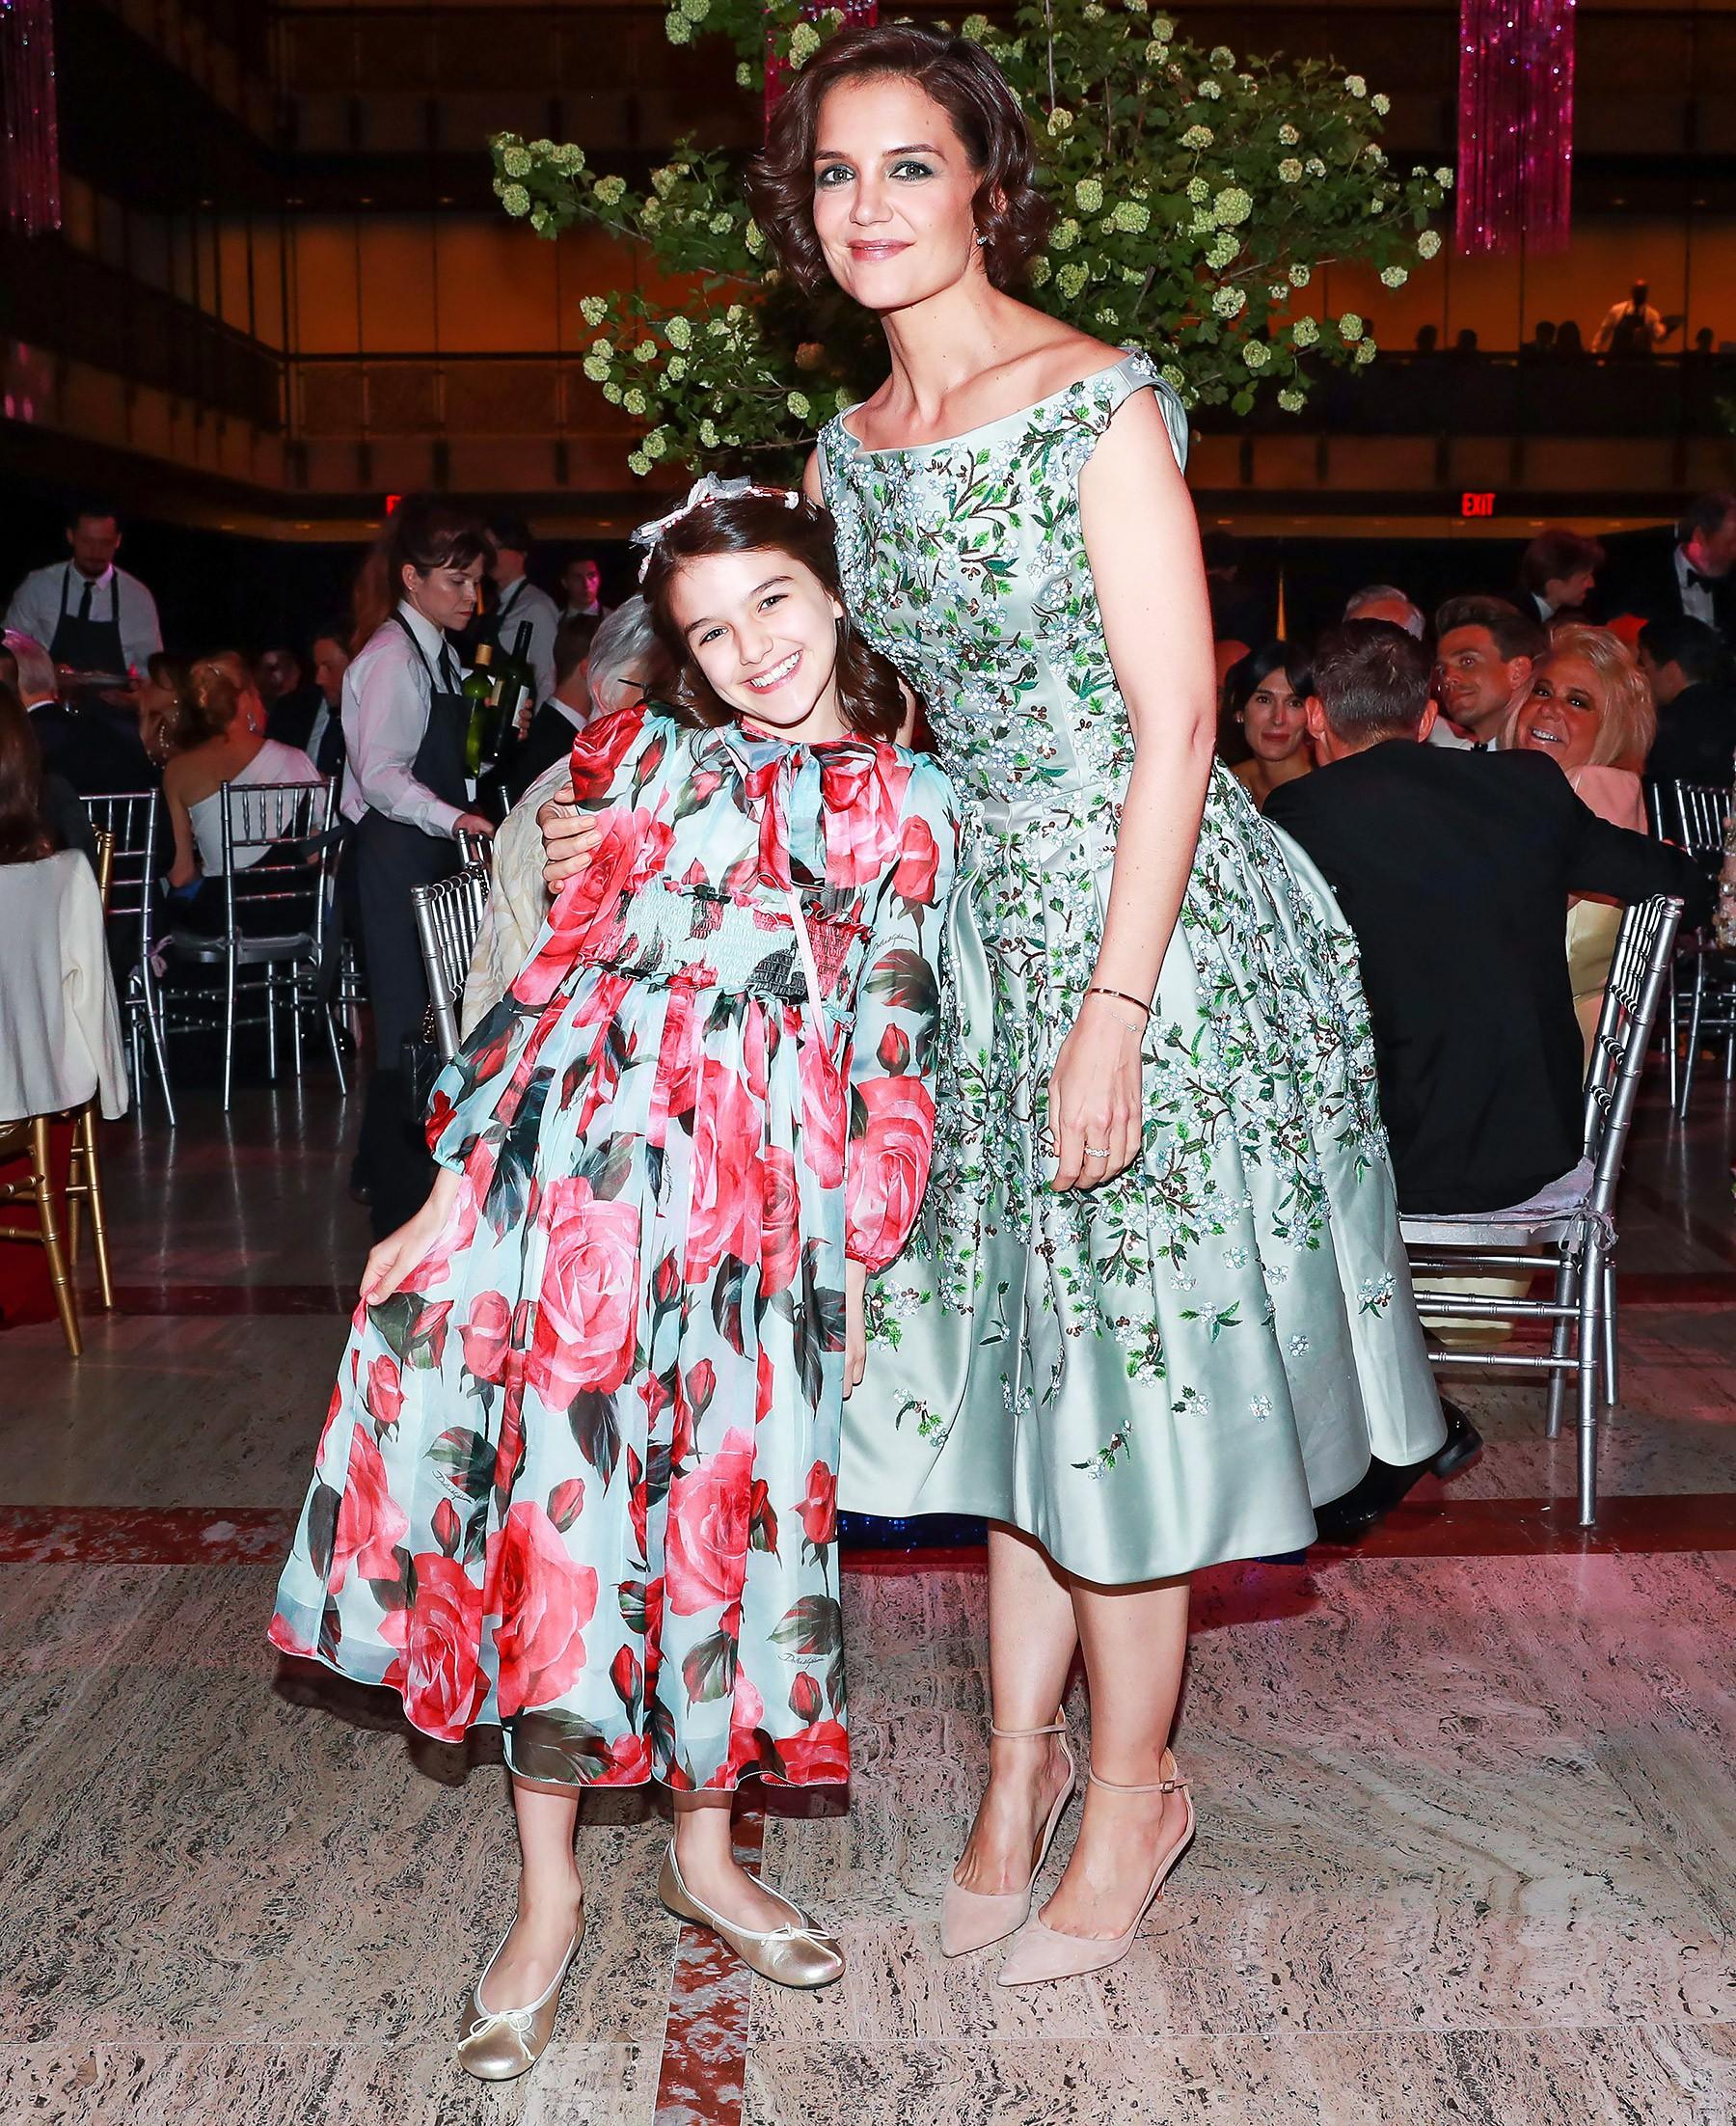 Hành trình nhan sắc 2 công chúa nhà sao hot nhất Hollywood: Harper Beckham xinh ra, Suri Cruise ngày càng bị dìm - Ảnh 32.